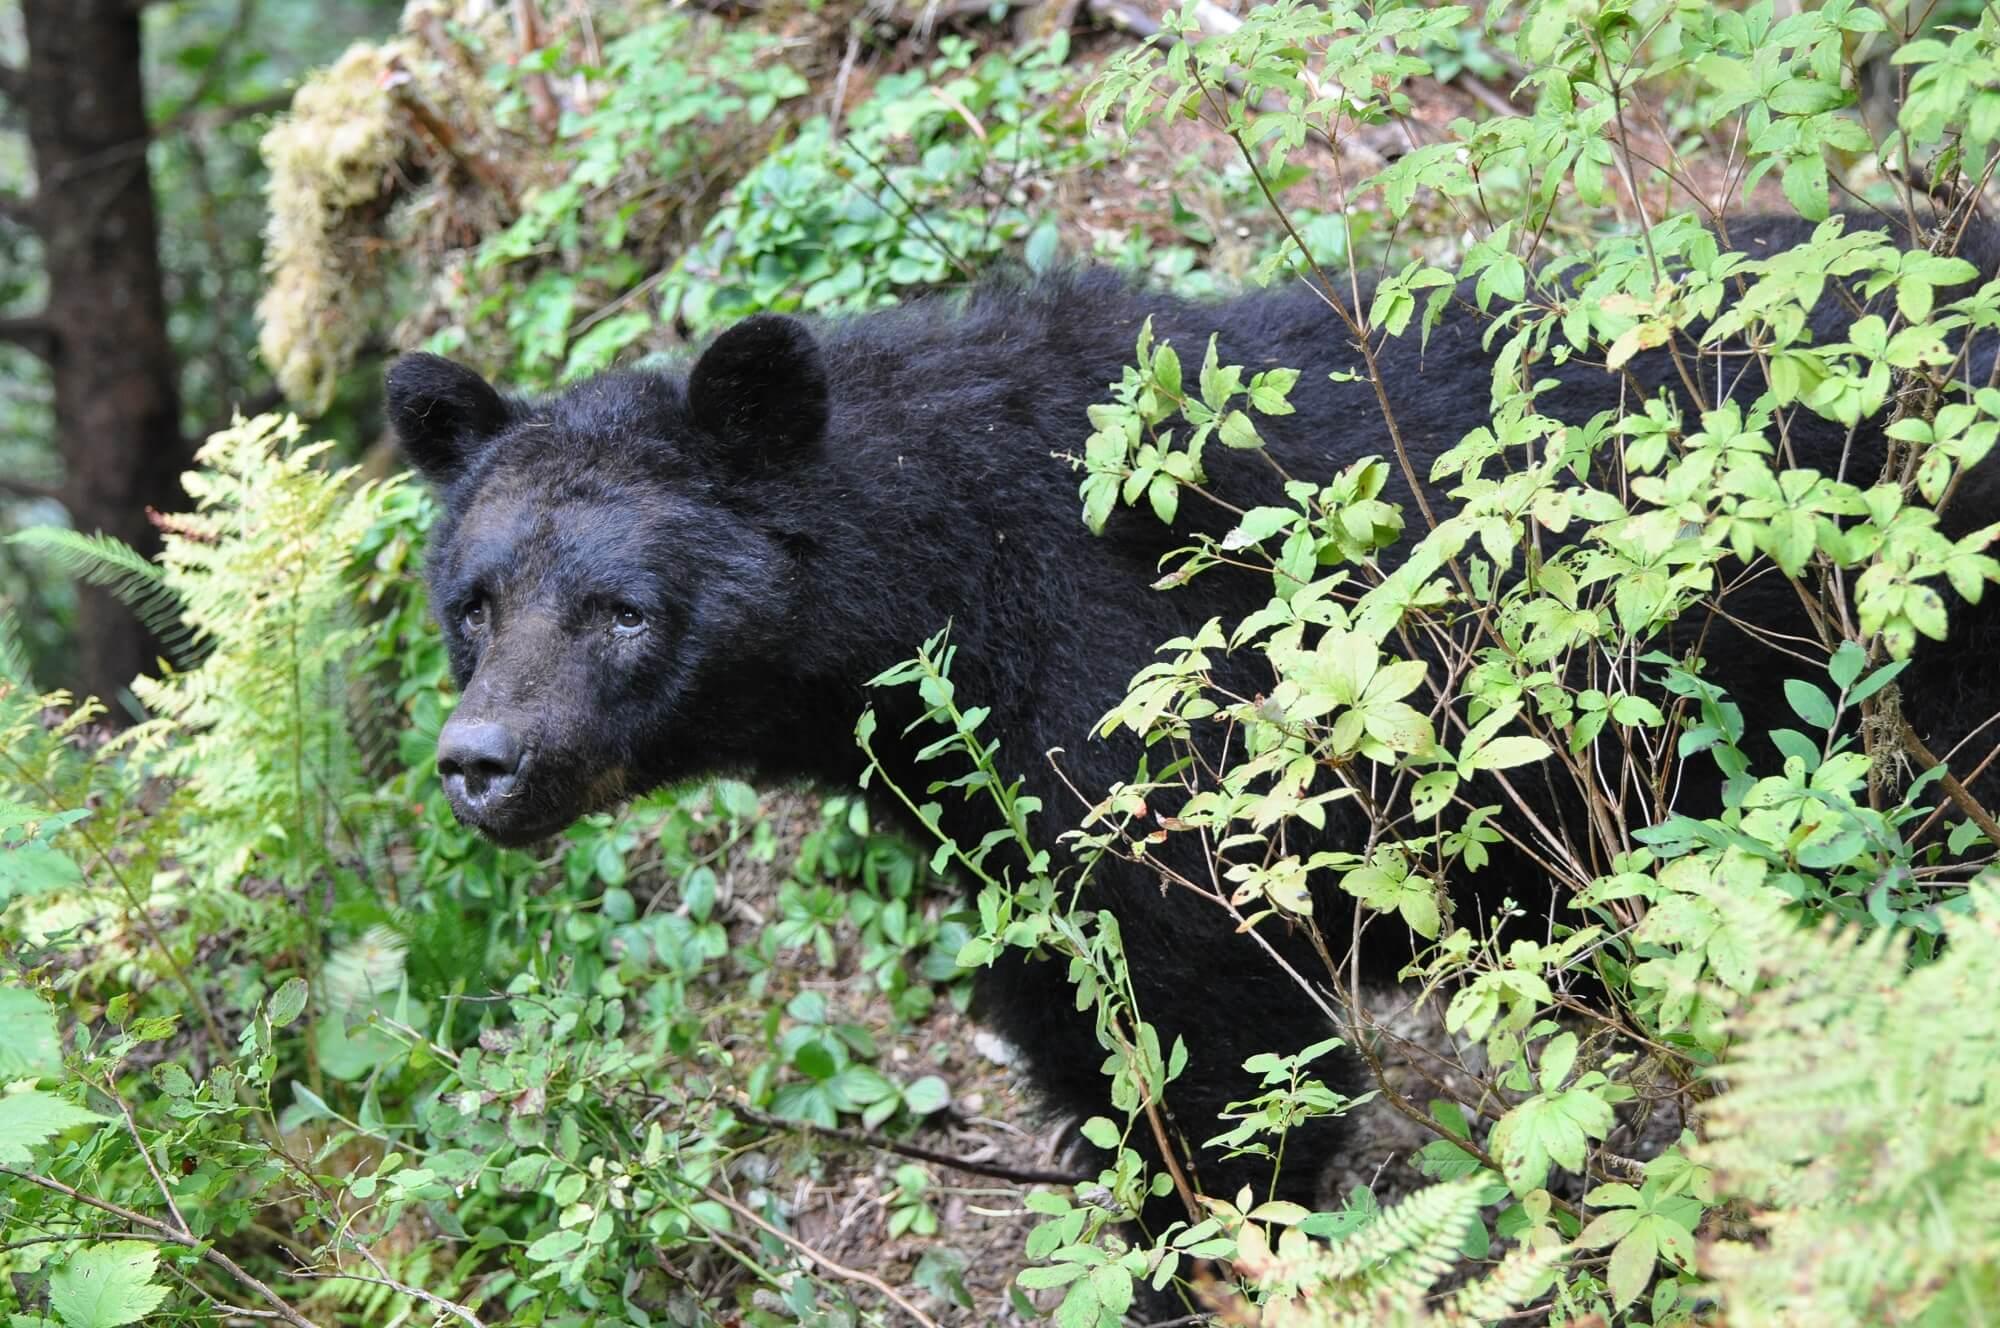 https://secureservercdn.net/72.167.241.180/c2p.415.myftpupload.com/wp-content/uploads/2018/10/Alaska-Bear-Black-Bear-in-vegetation.jpg?time=1634200883